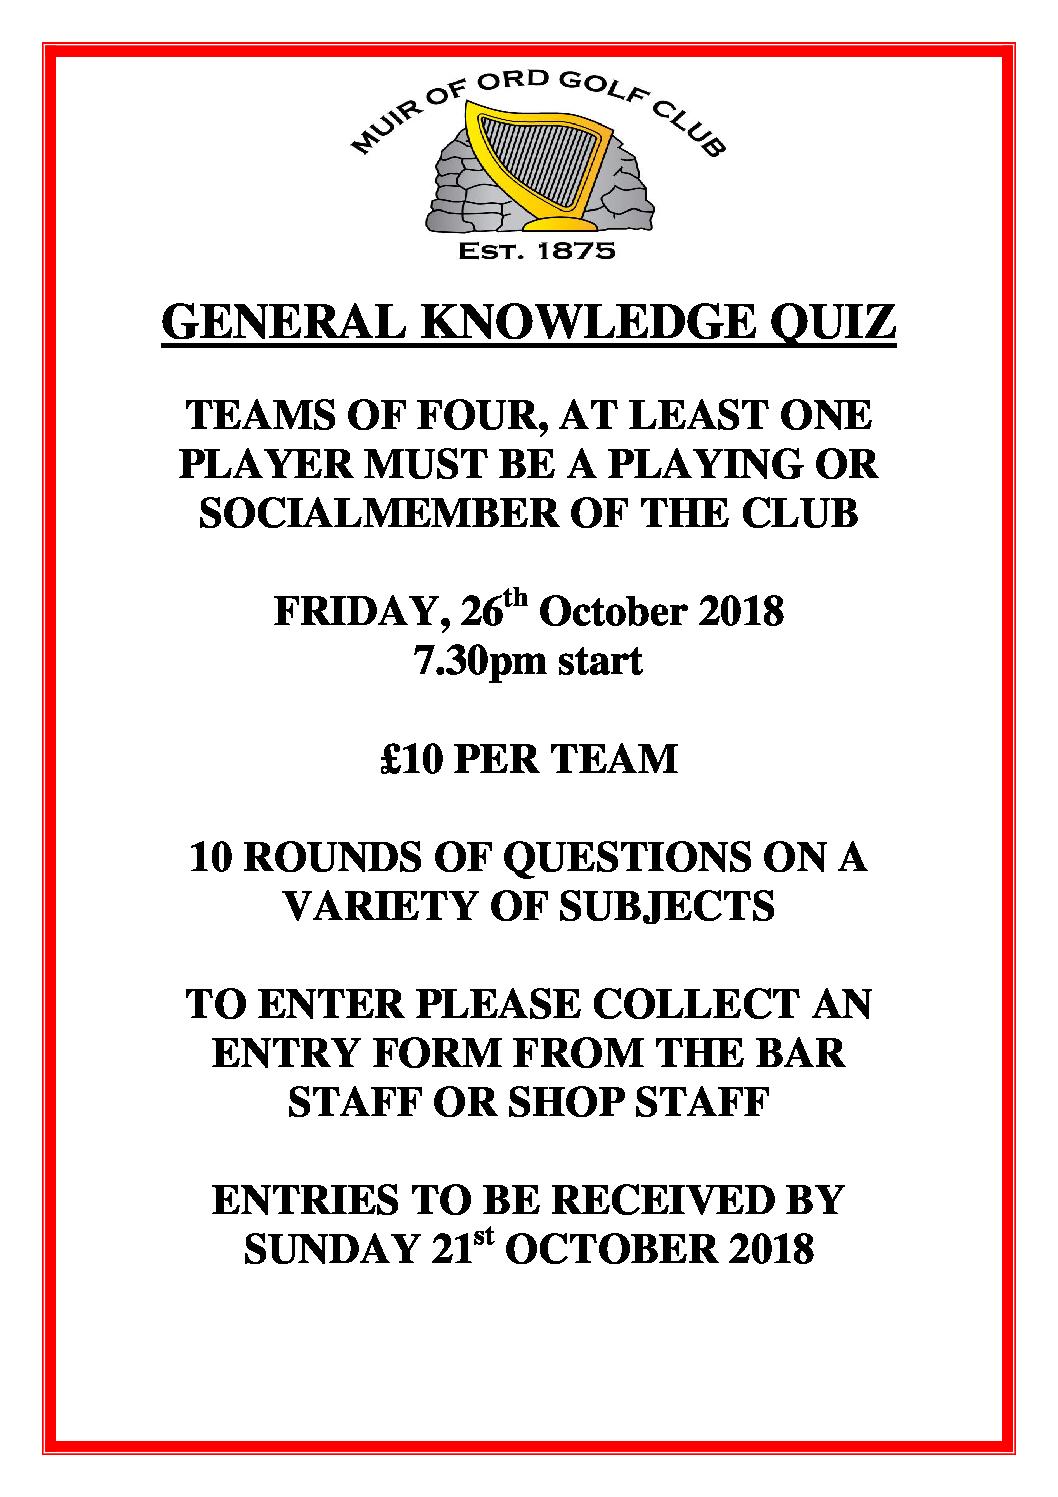 General Knowledge Quiz - Saturday 26th October 2018